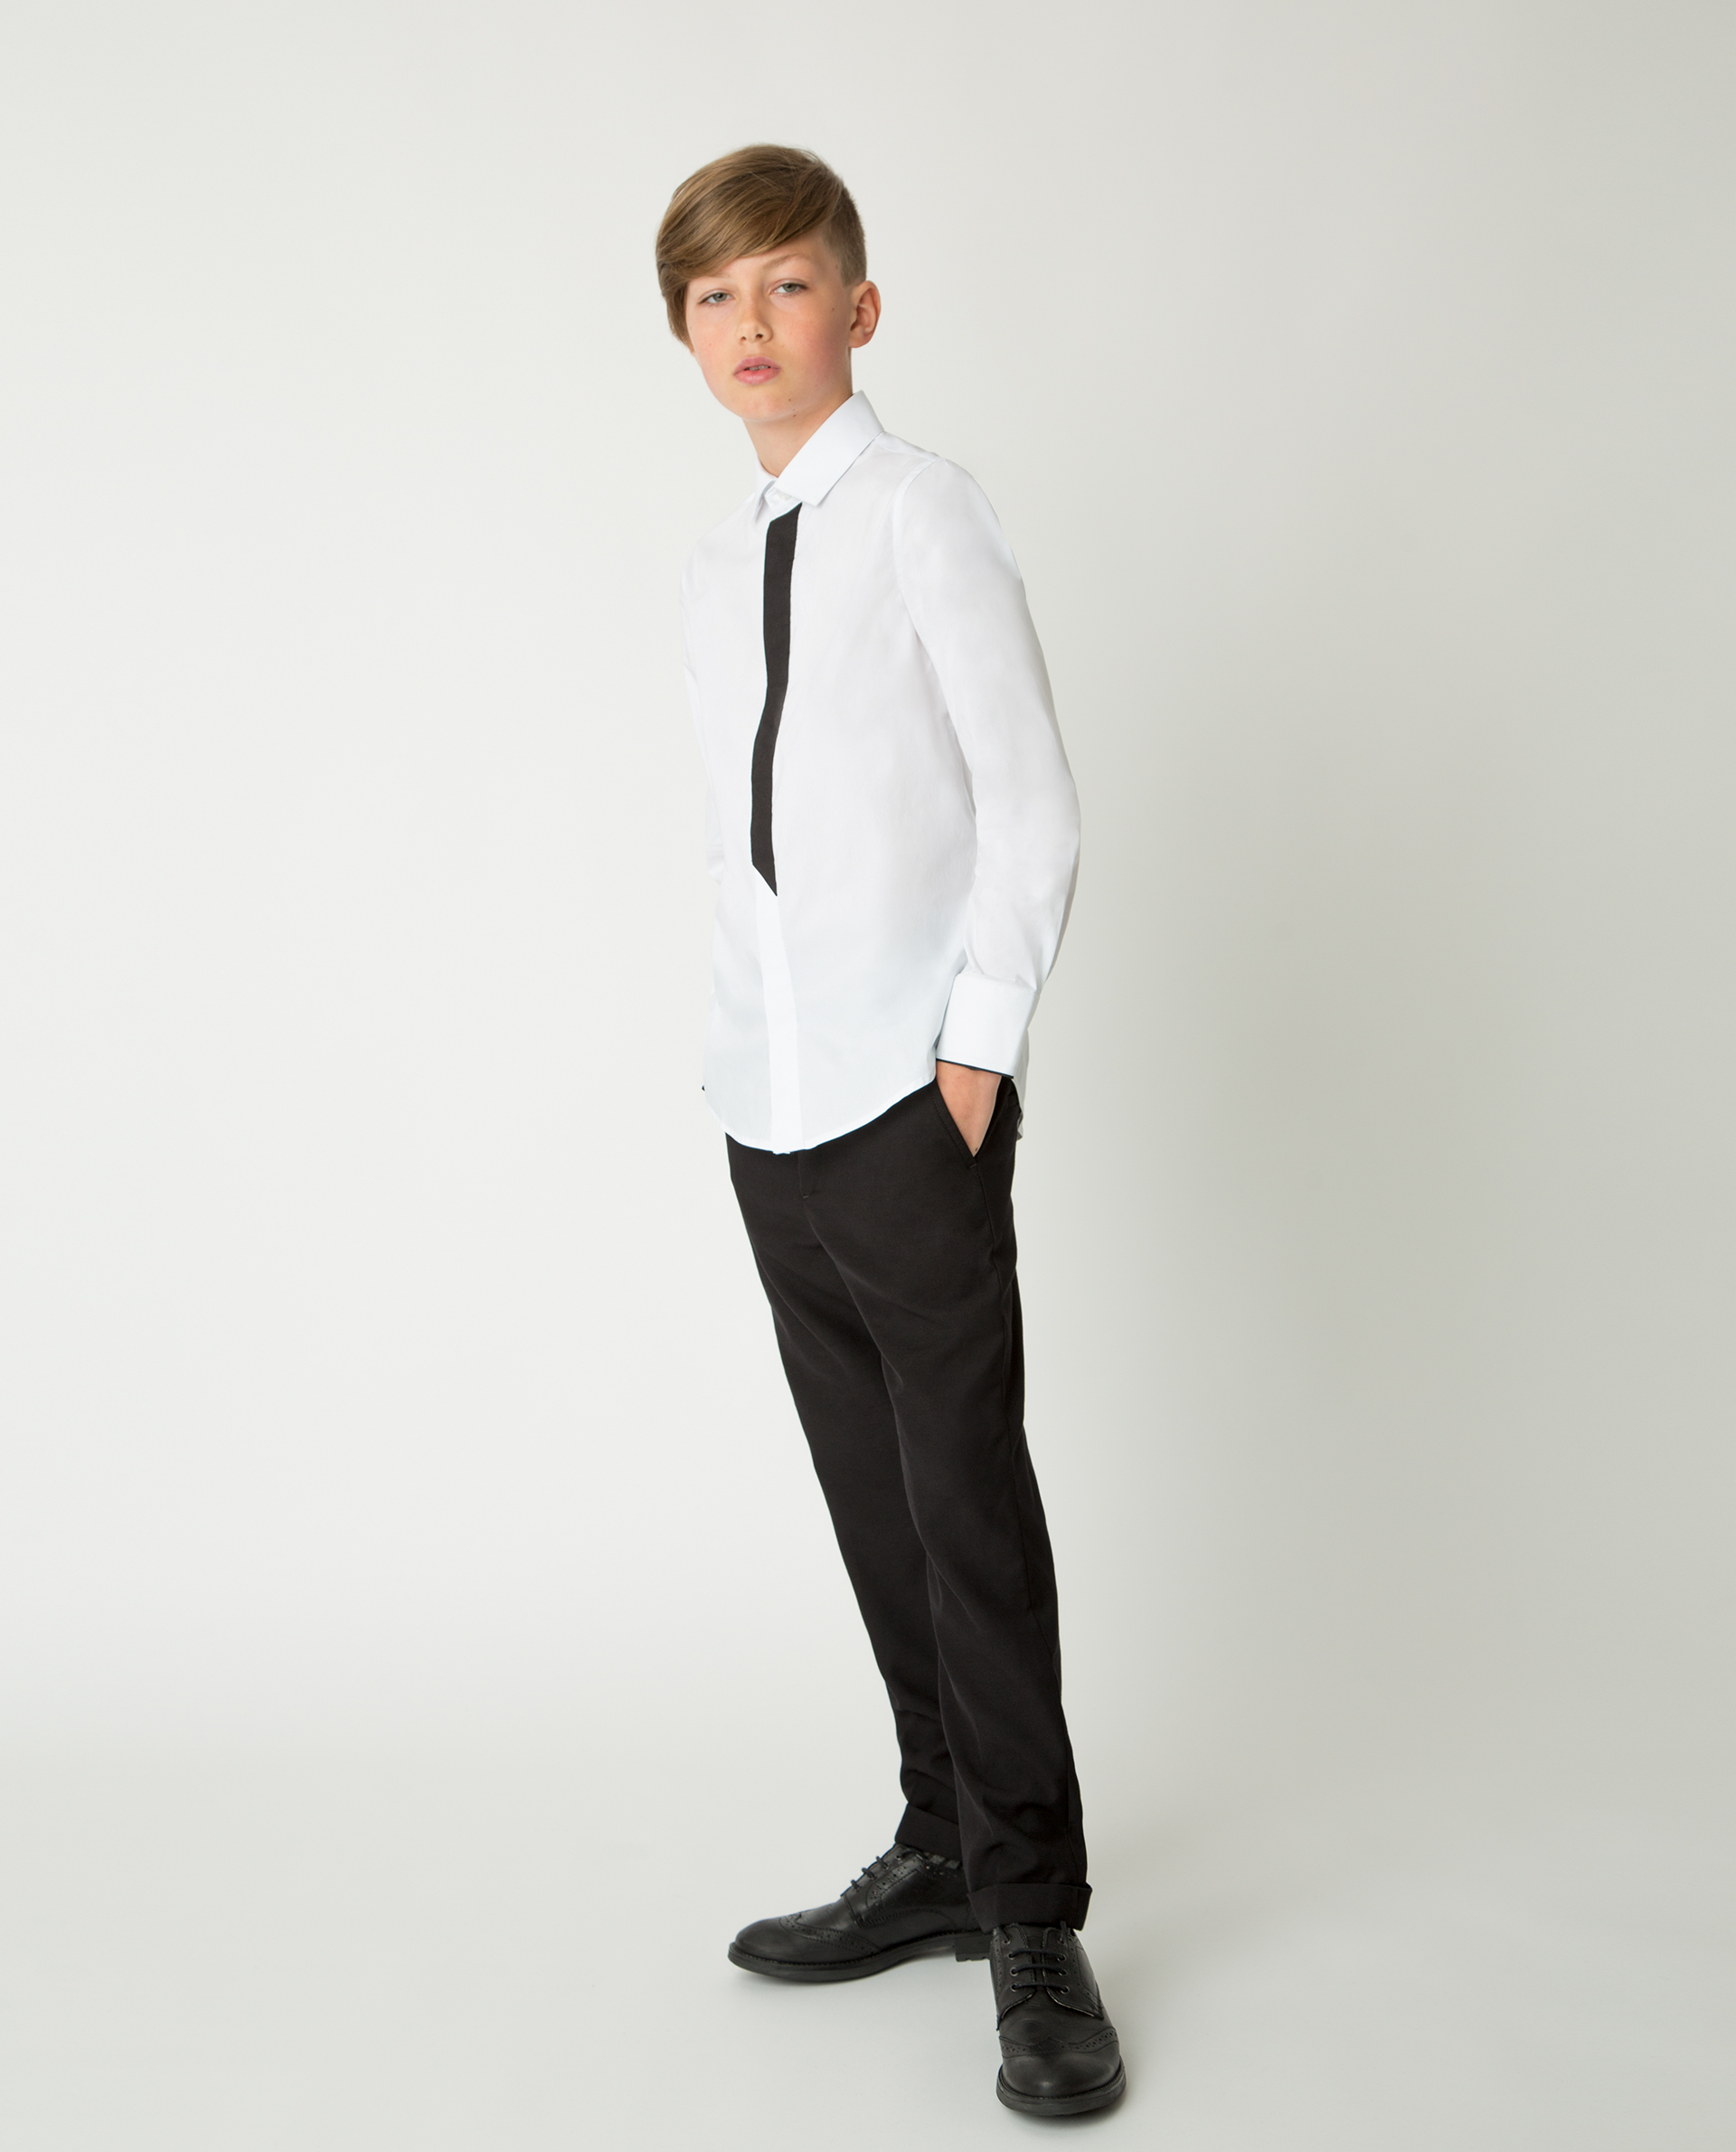 Купить 220GSBC2311, Белая рубашка Gulliver, белый, 170, Мужской, Демисезон, ШКОЛЬНАЯ ФОРМА 2020-2021 (shop: GulliverMarket Gulliver Market)